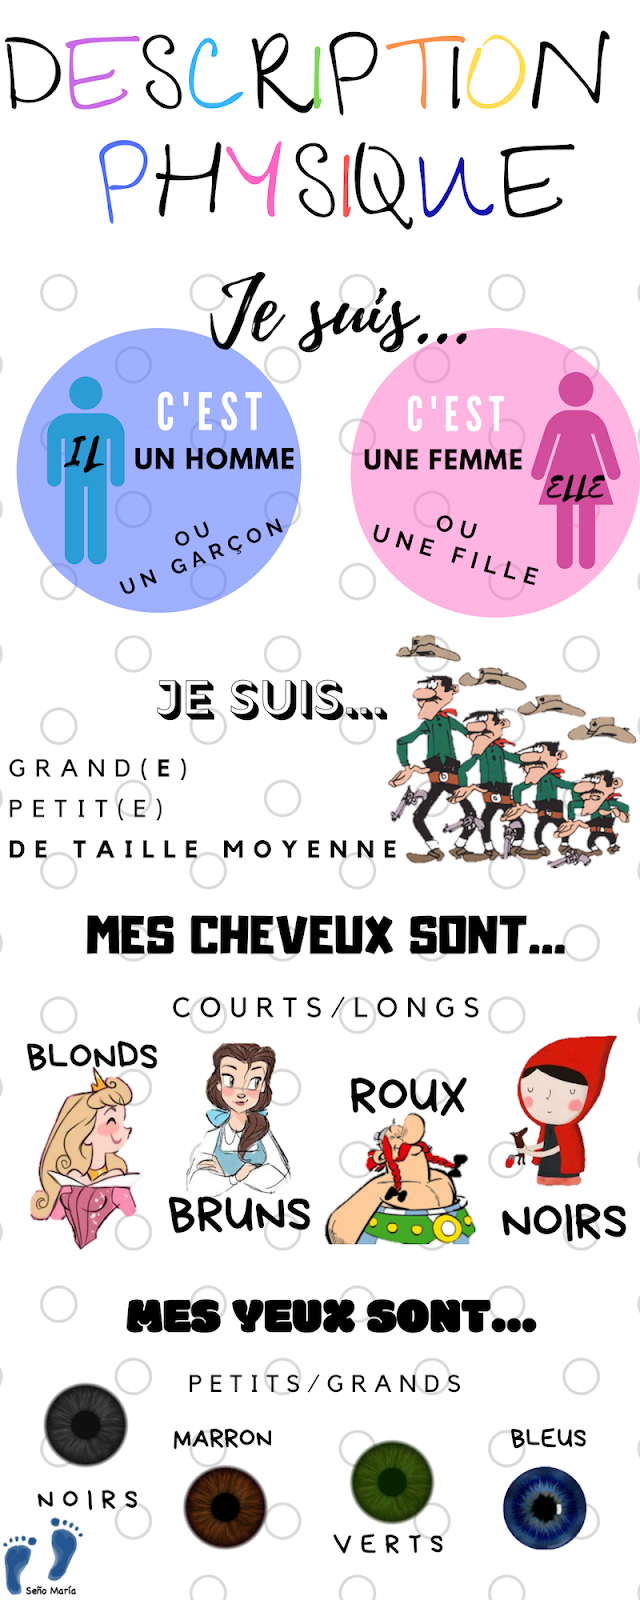 Opisywanie osób - słownictwo 10 - Francuski przy kawie